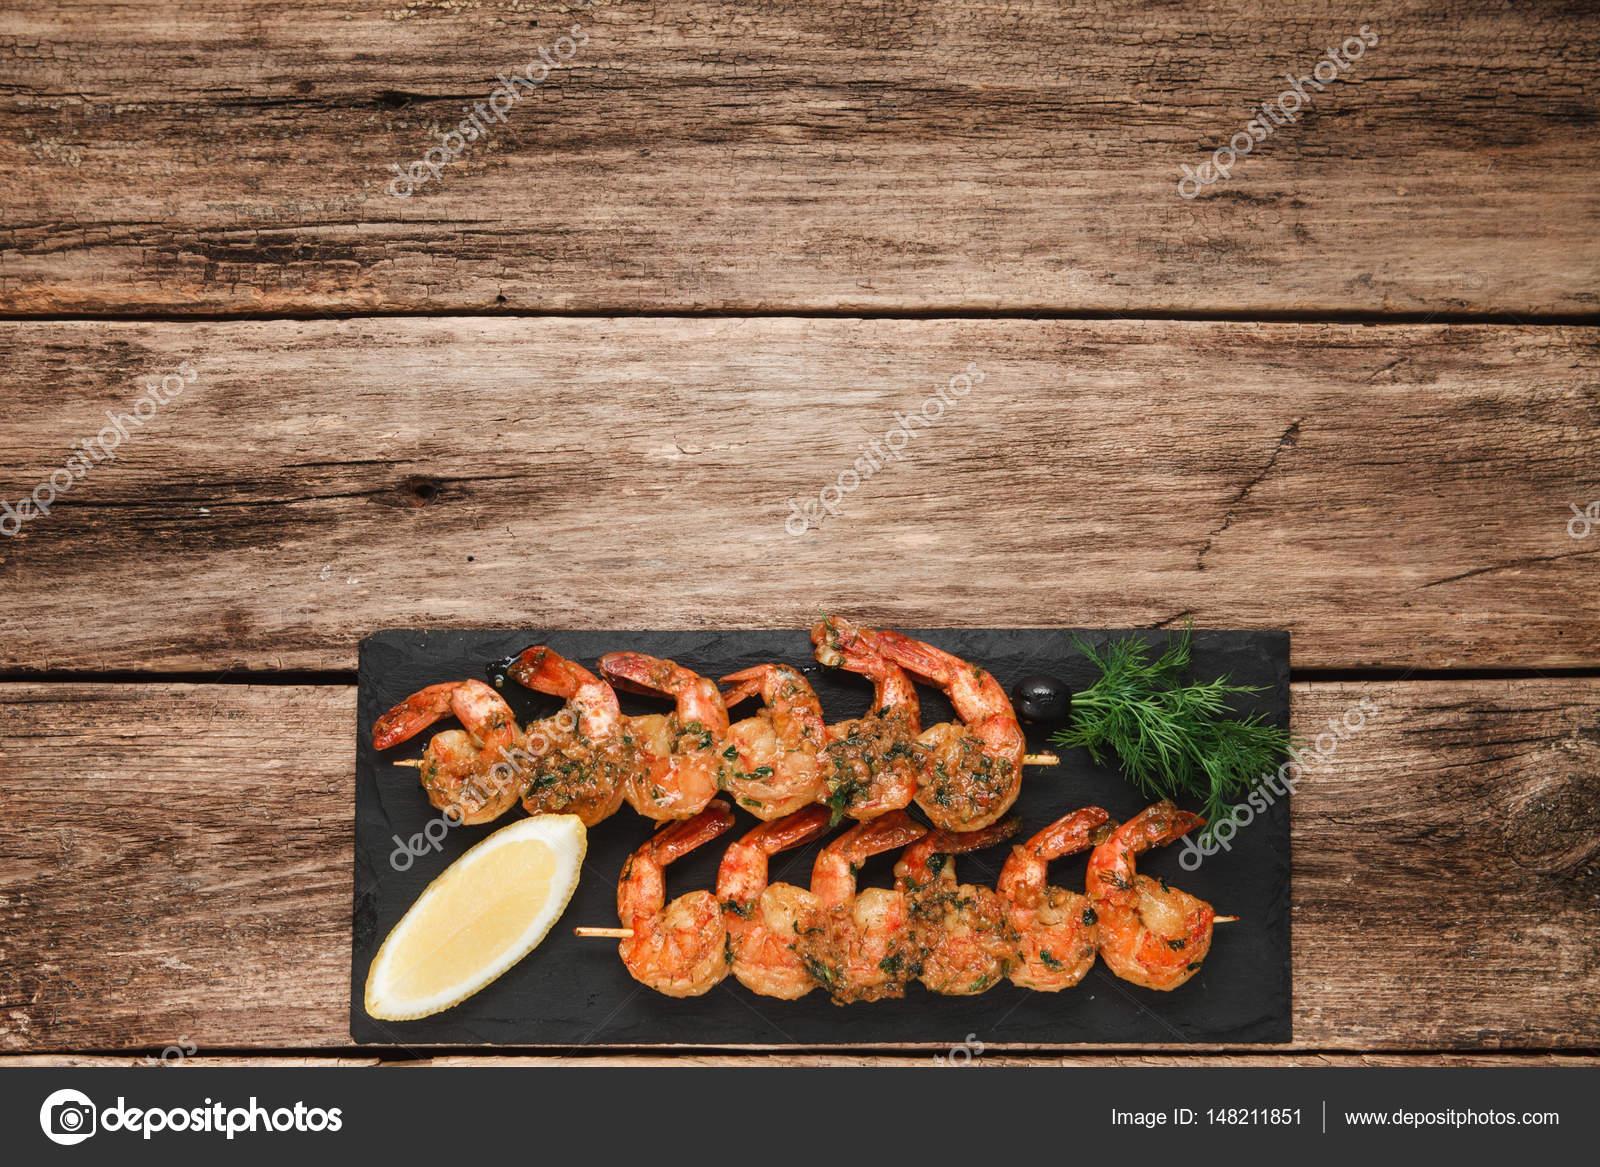 Piatti Cucina In Ardesia : Piatto di pollo cibo asiatico di cucina u foto stock sureshot